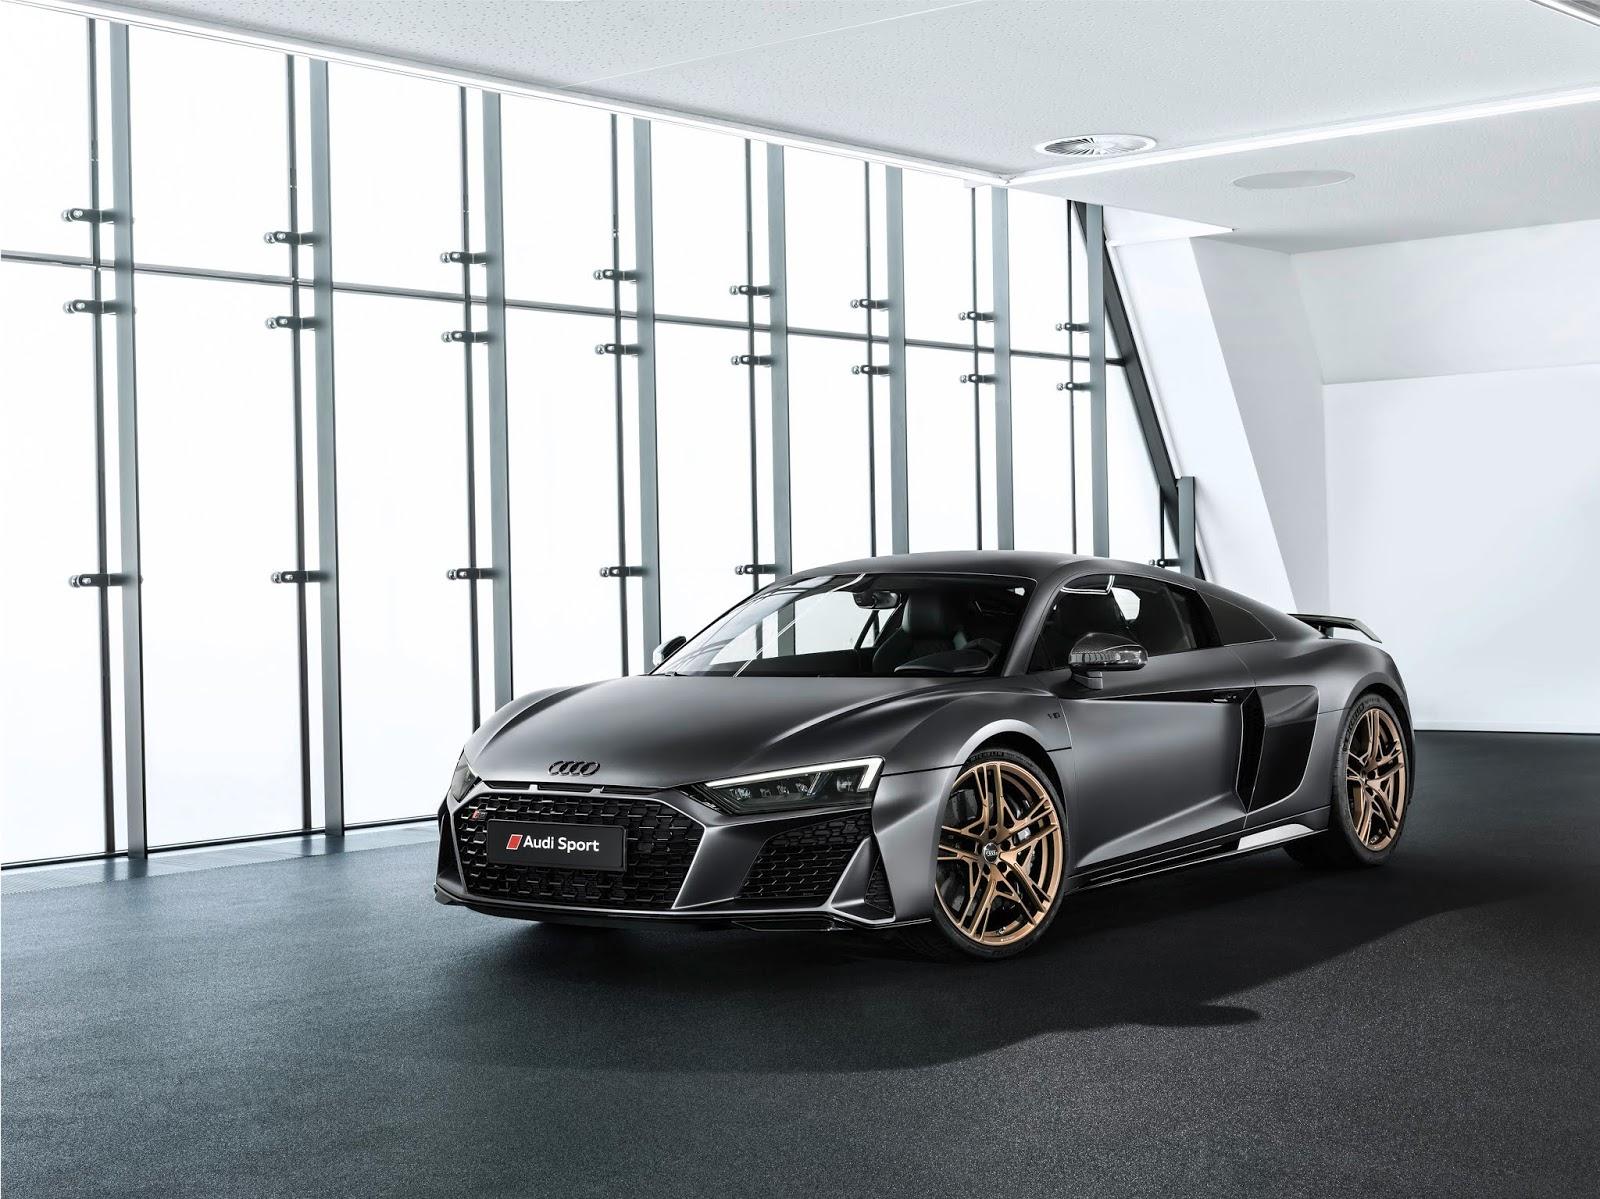 2020 Audi R8 V10 Decennium Interior Exterior Design And